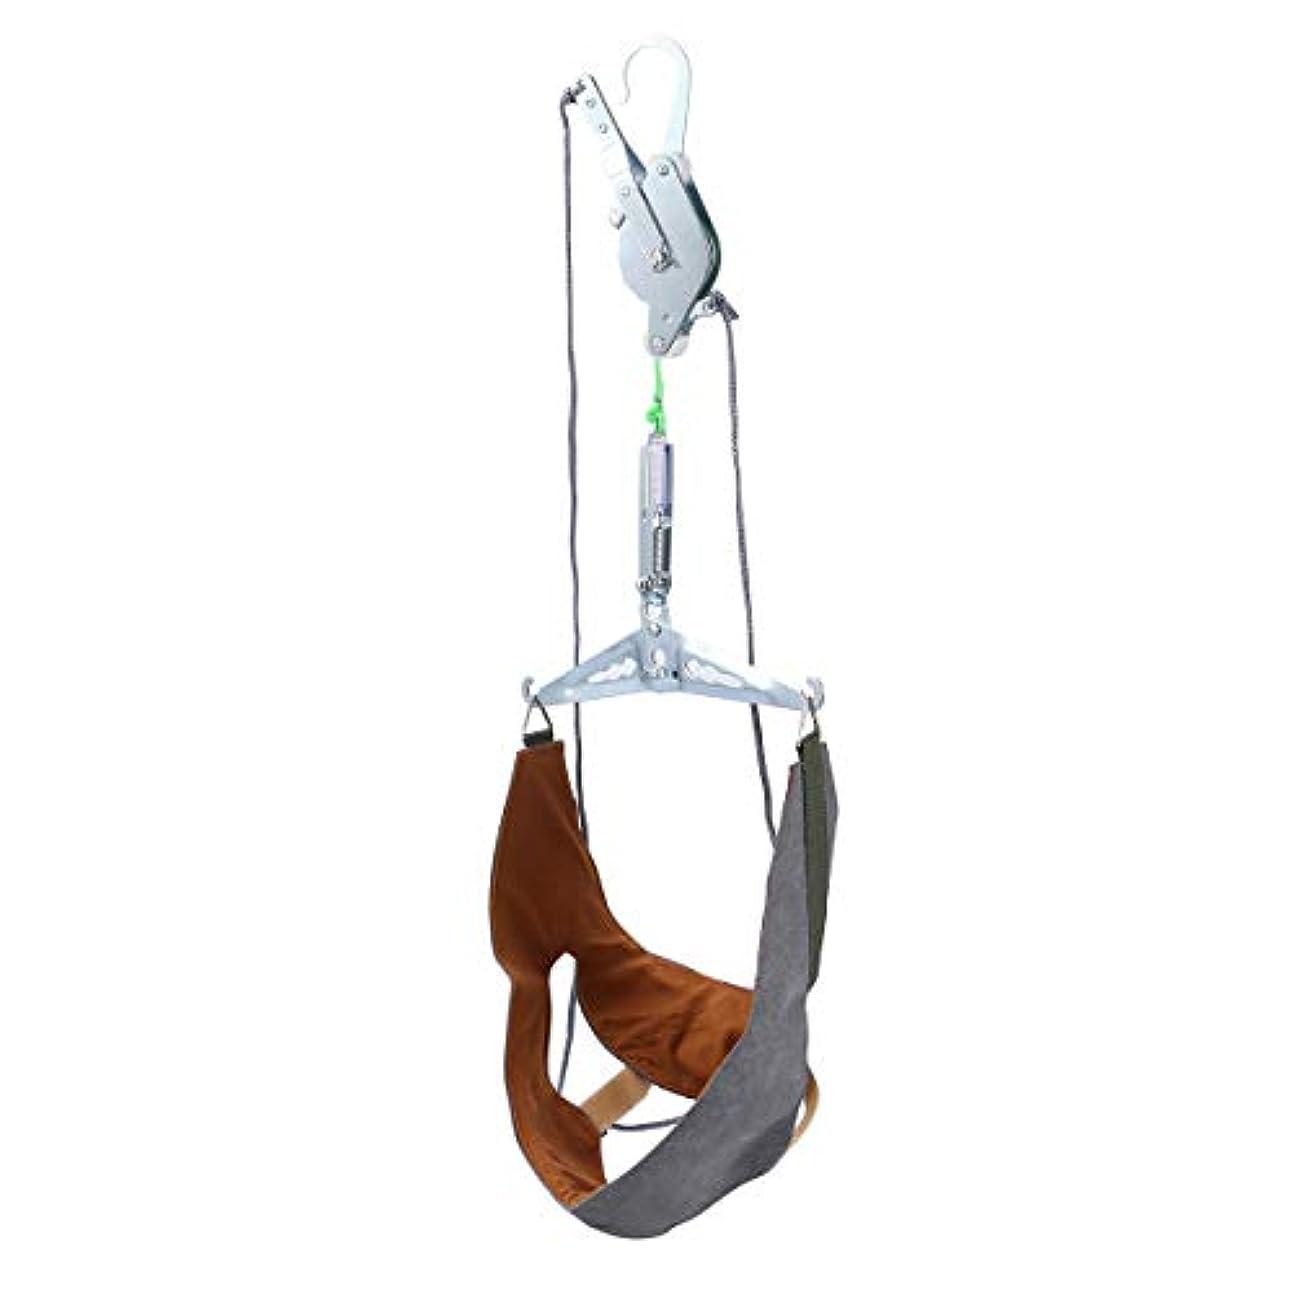 不定光のお願いしますHealifty 家庭用 頚椎 牽引 頭痛 ストレッチ 吊り下げ式 首頸部 マッサージ 牽引装置 ネックサポート 頚椎首ガード保護スリーブ ネックホルダー(ランダムカラー)